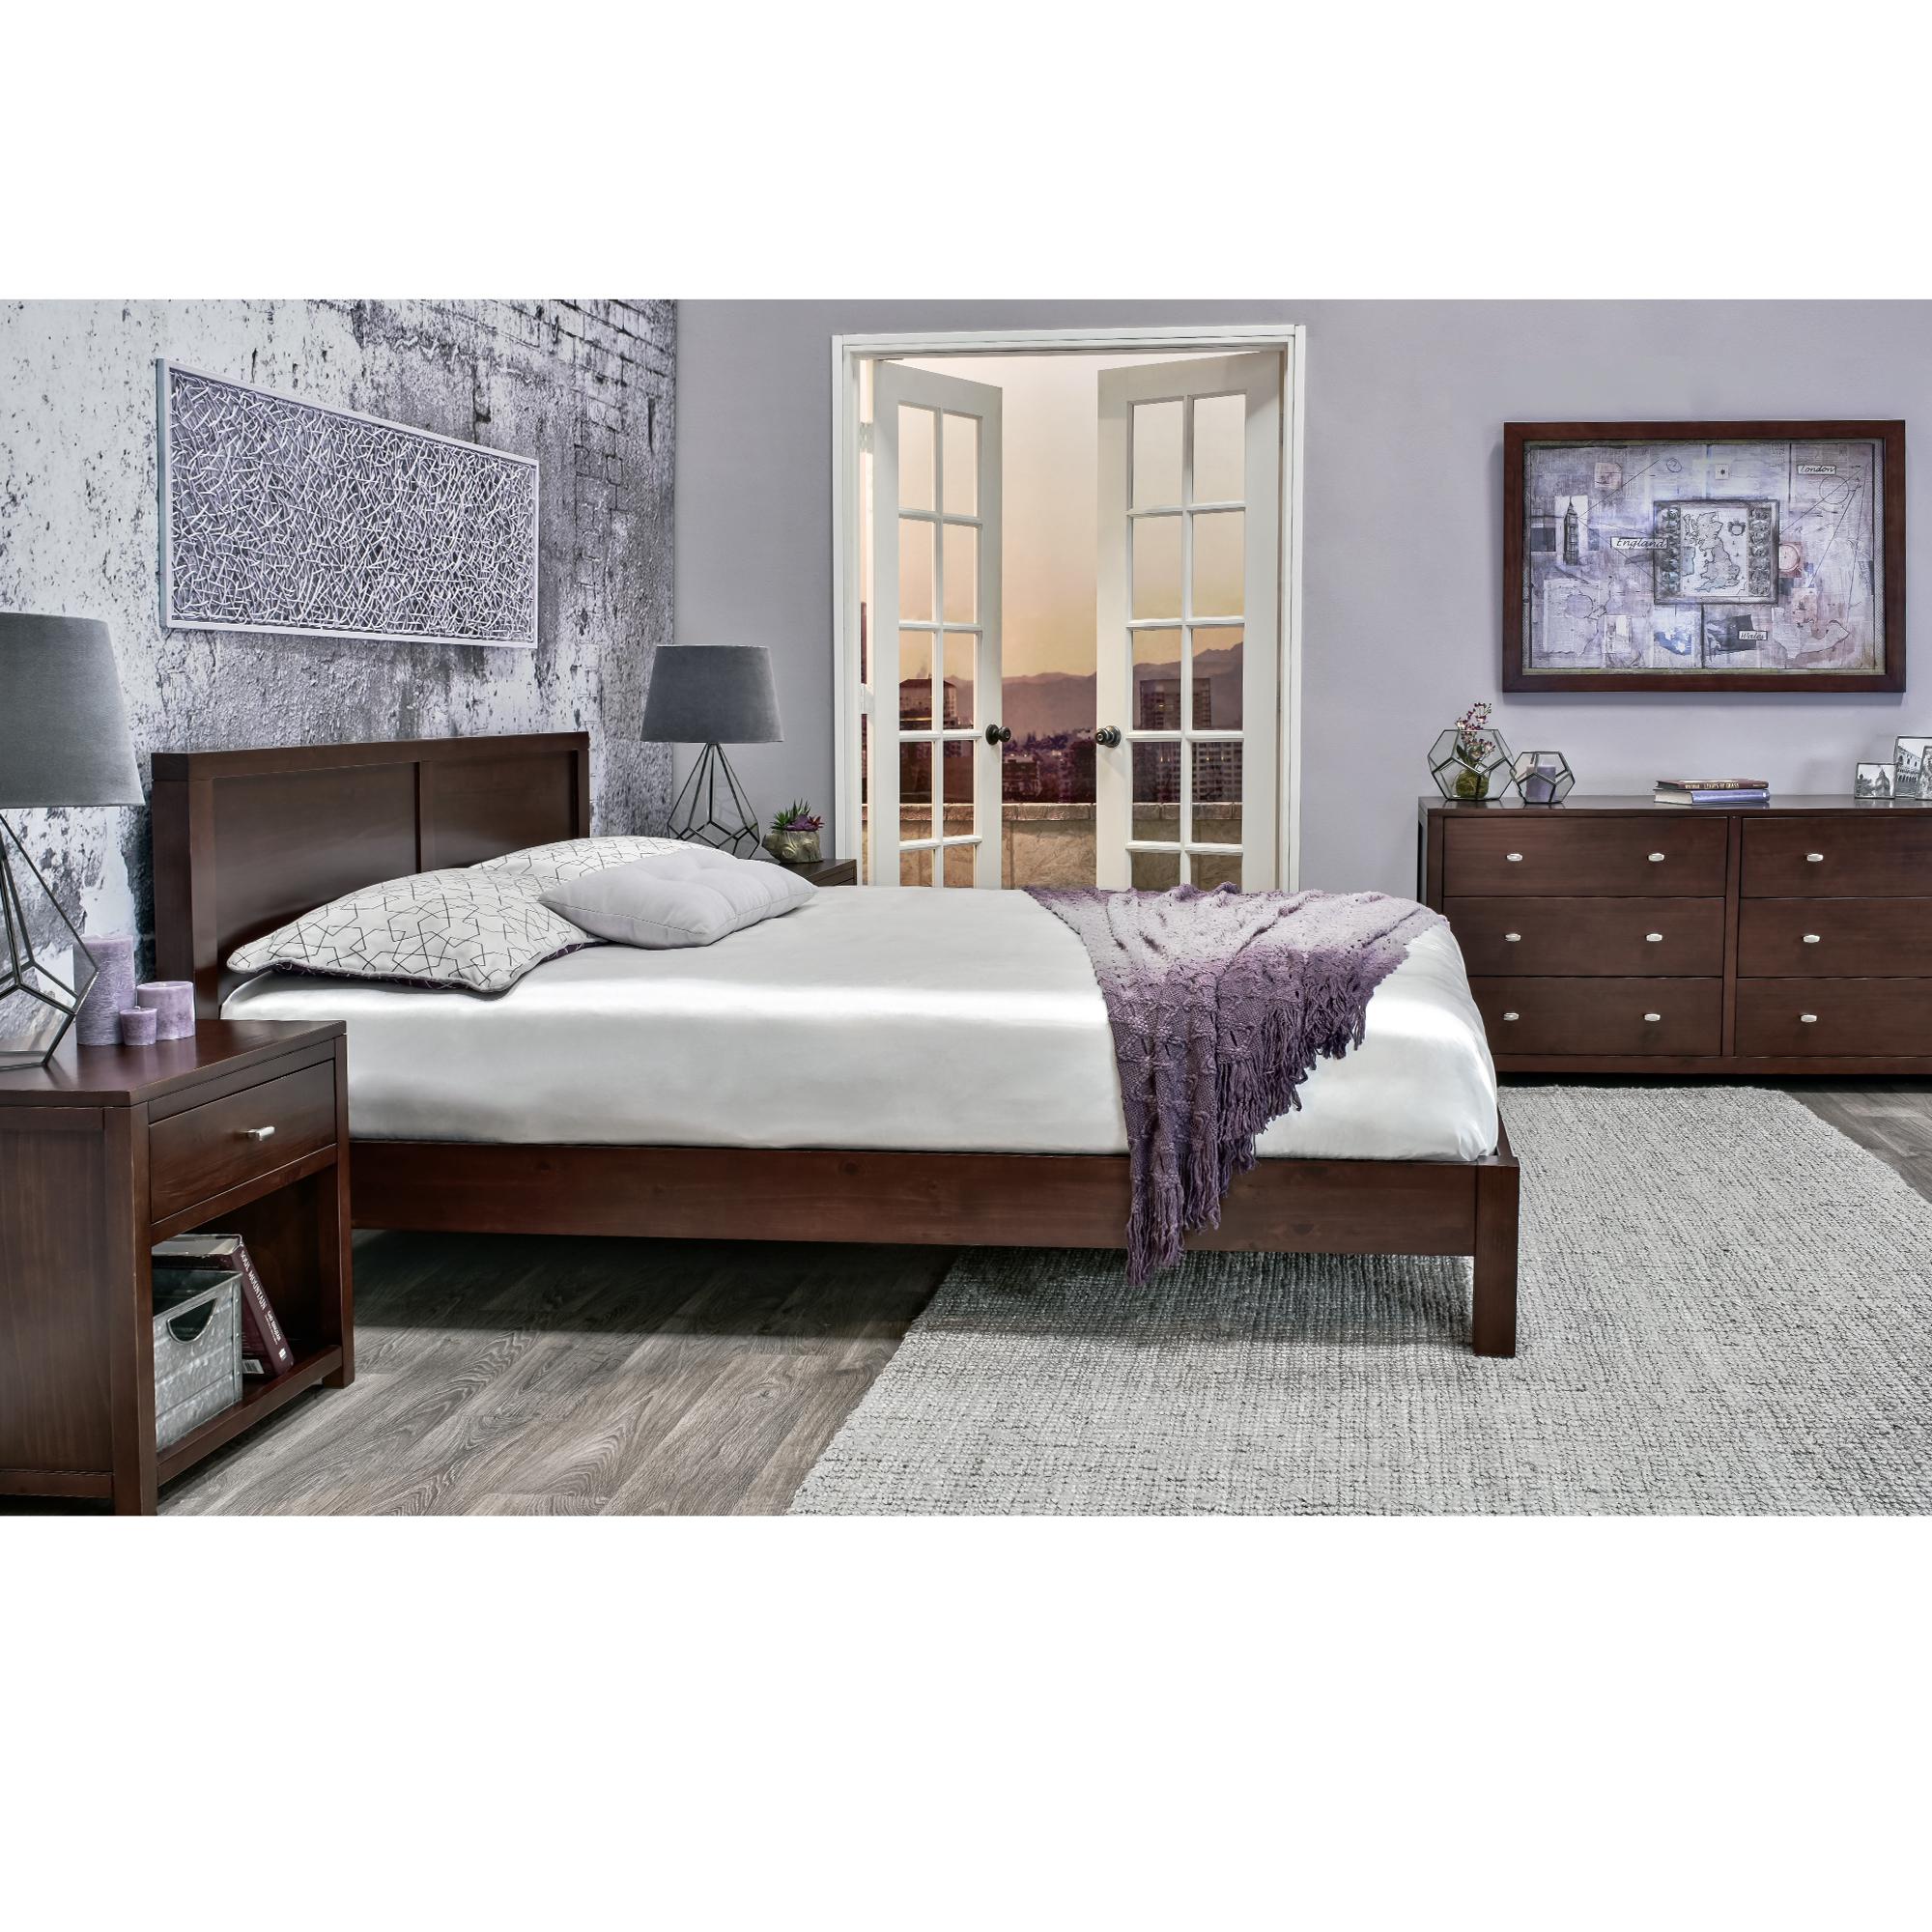 Pacifica 5-piece Bedroom Set | Epoch Design